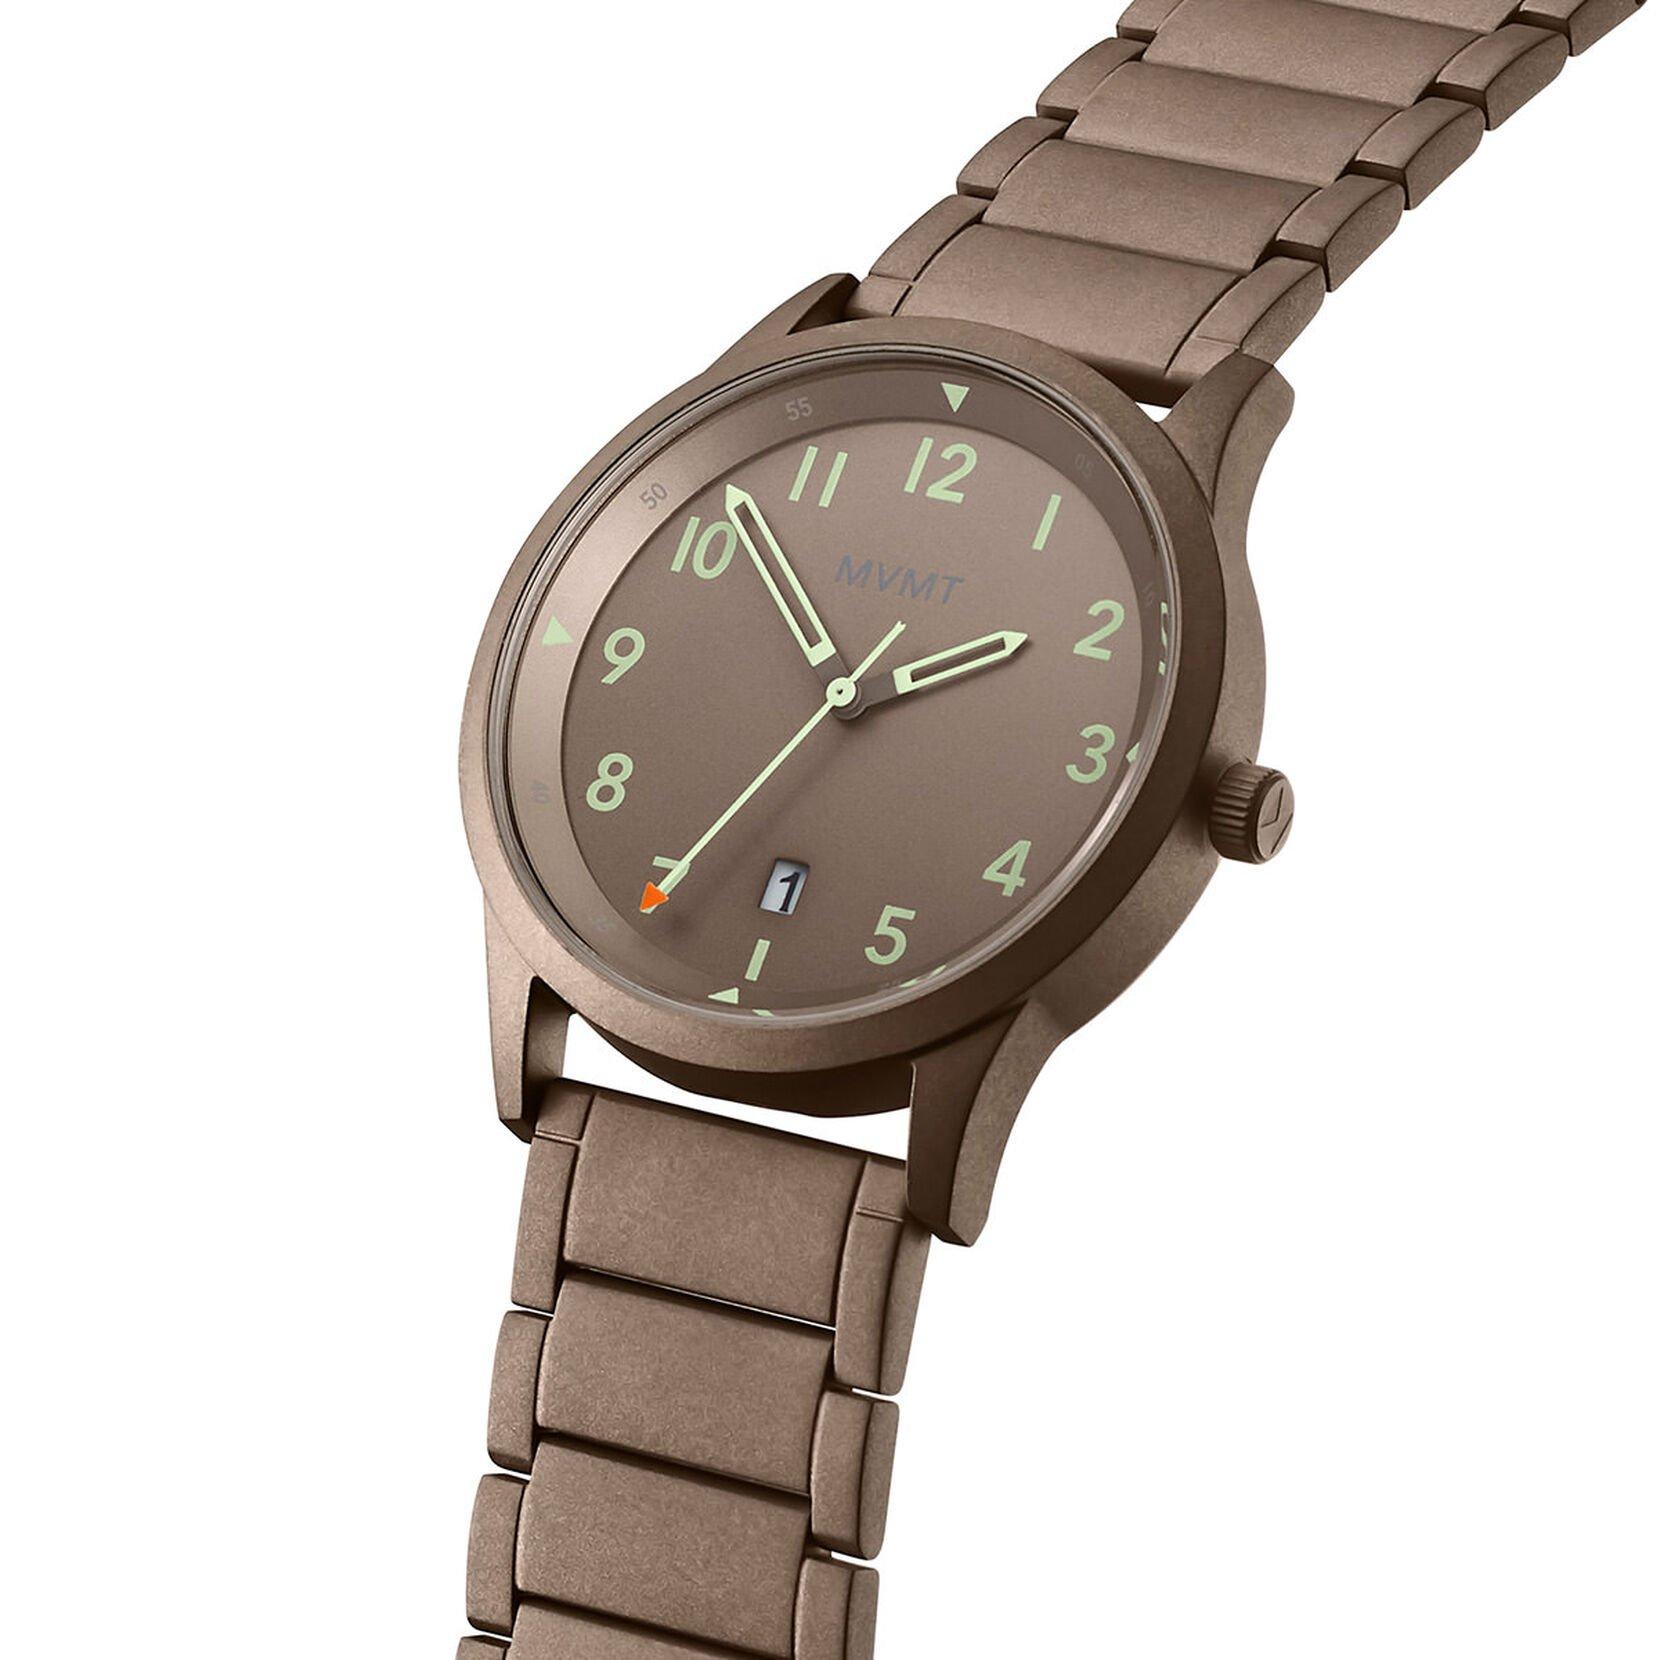 Vert Watch